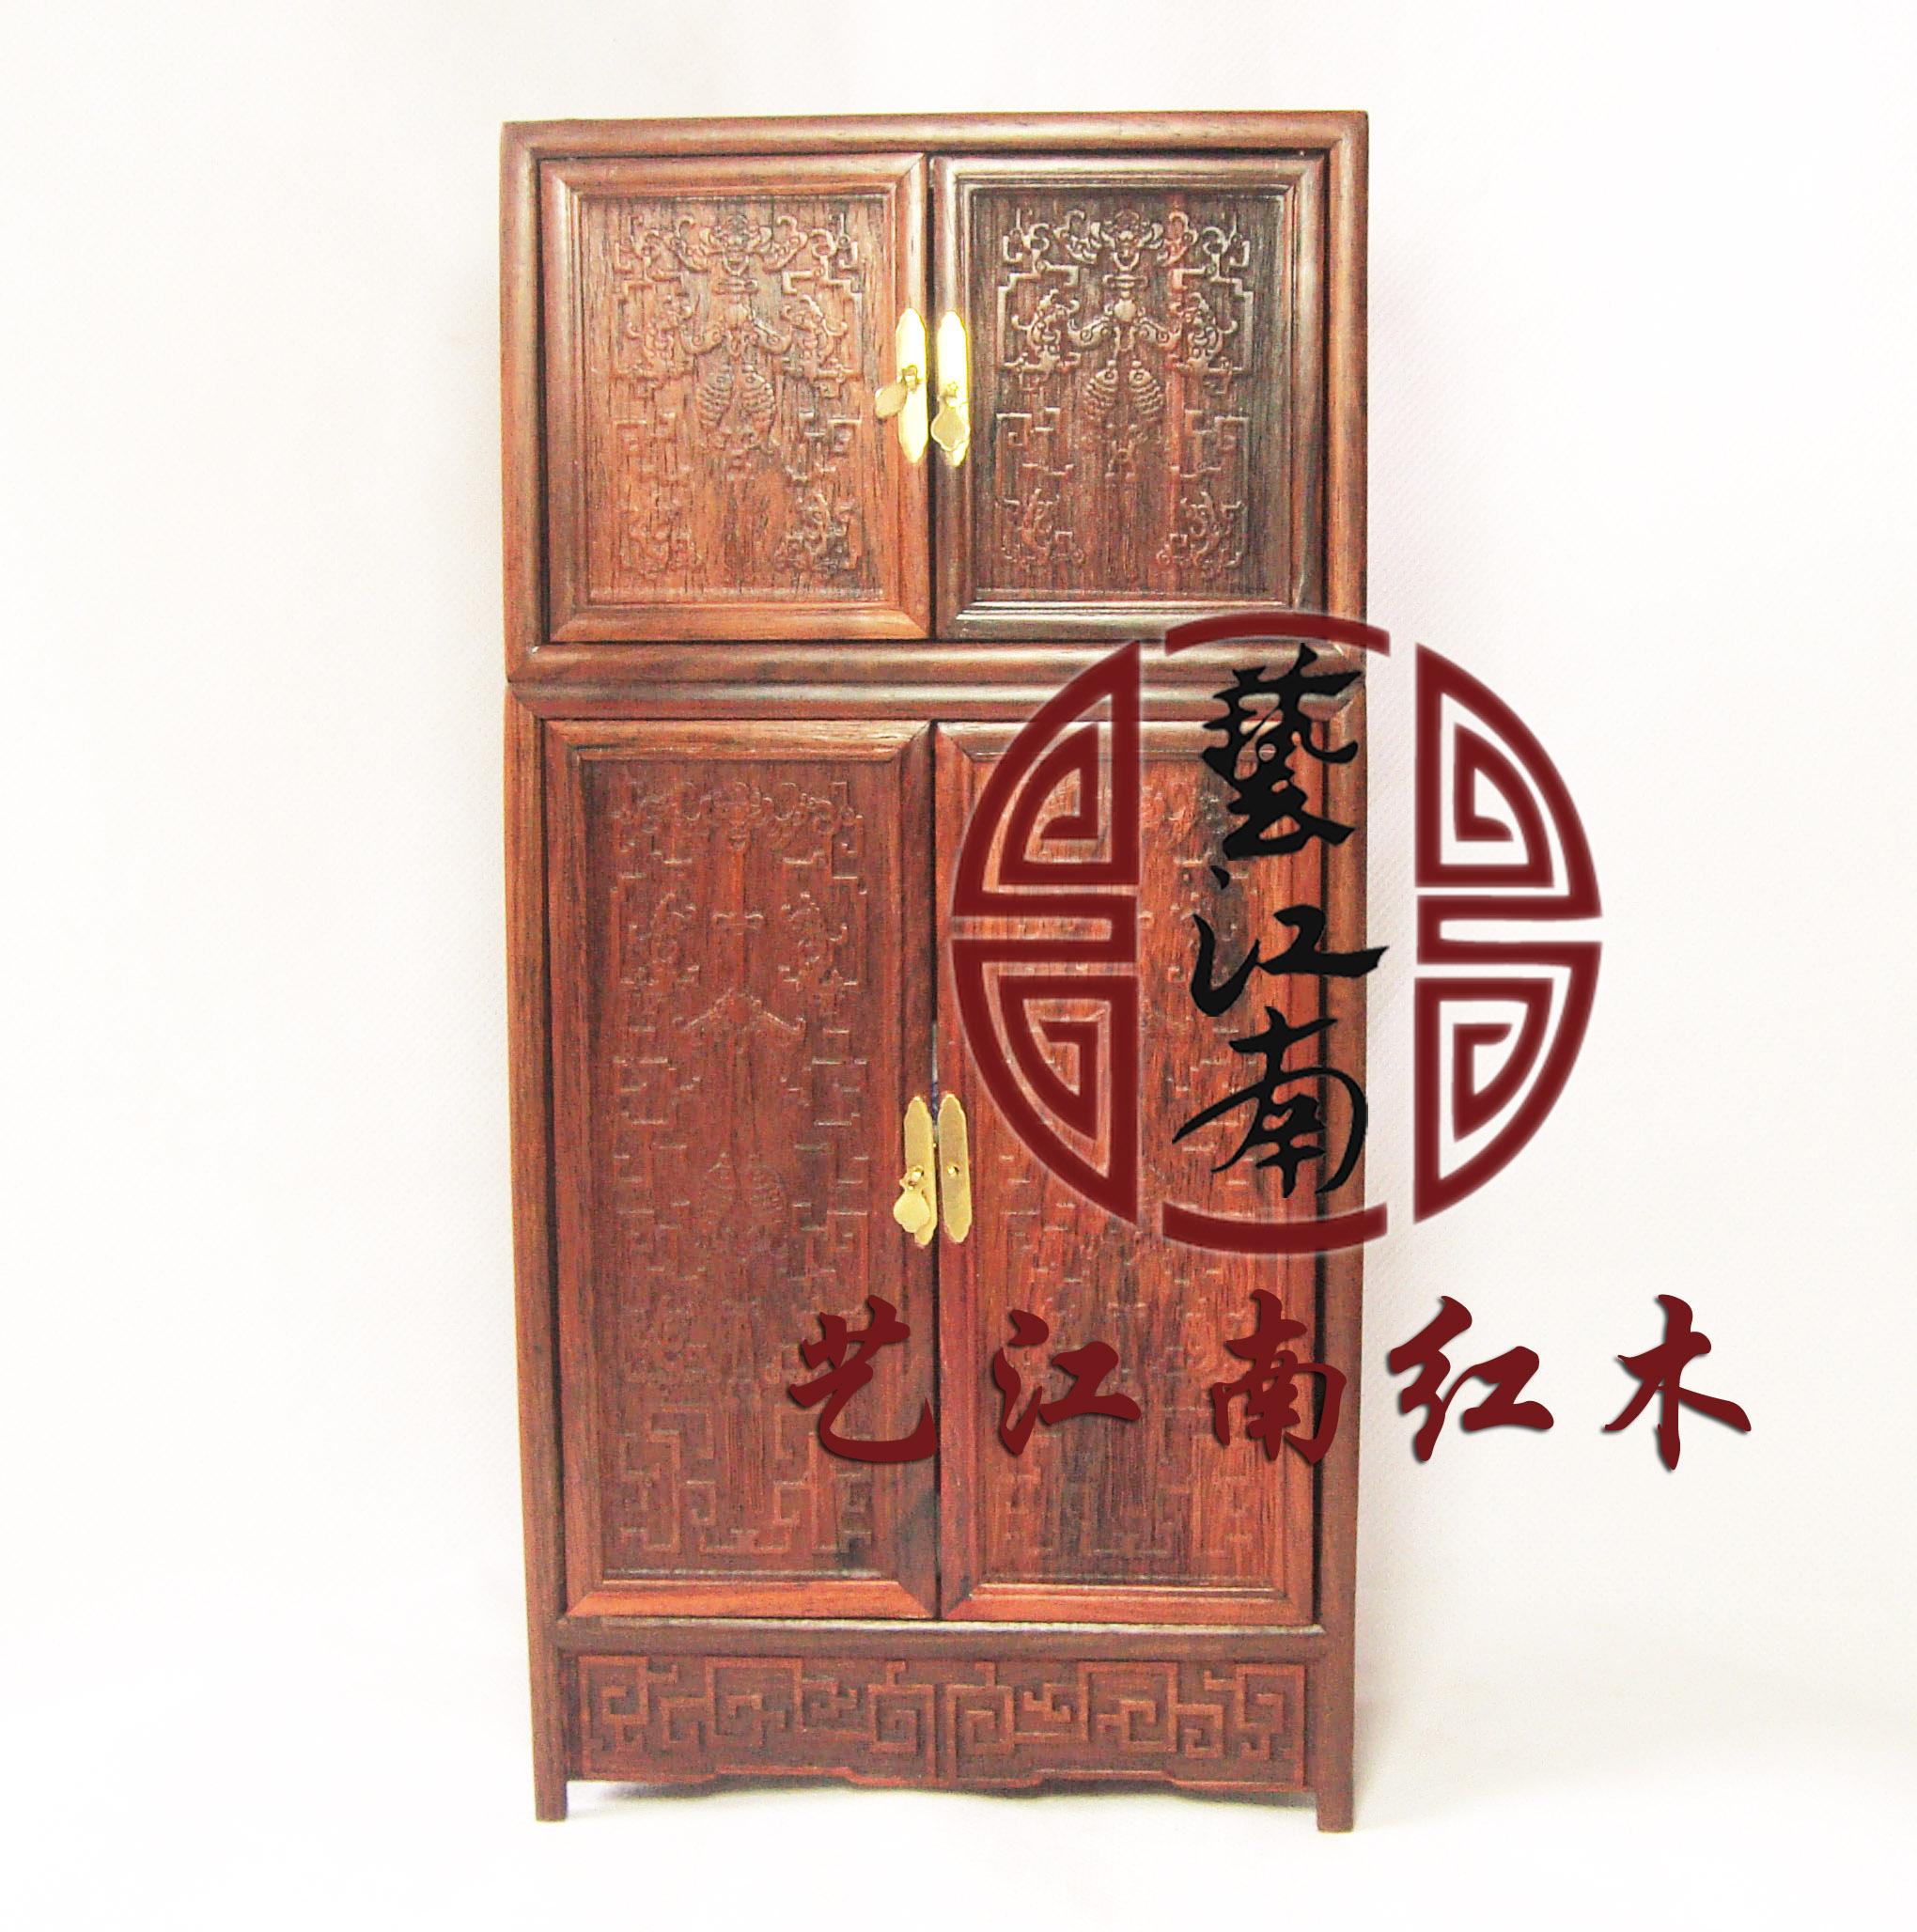 正品打折红木微型家具模型仿明清微缩家具红酸枝顶包